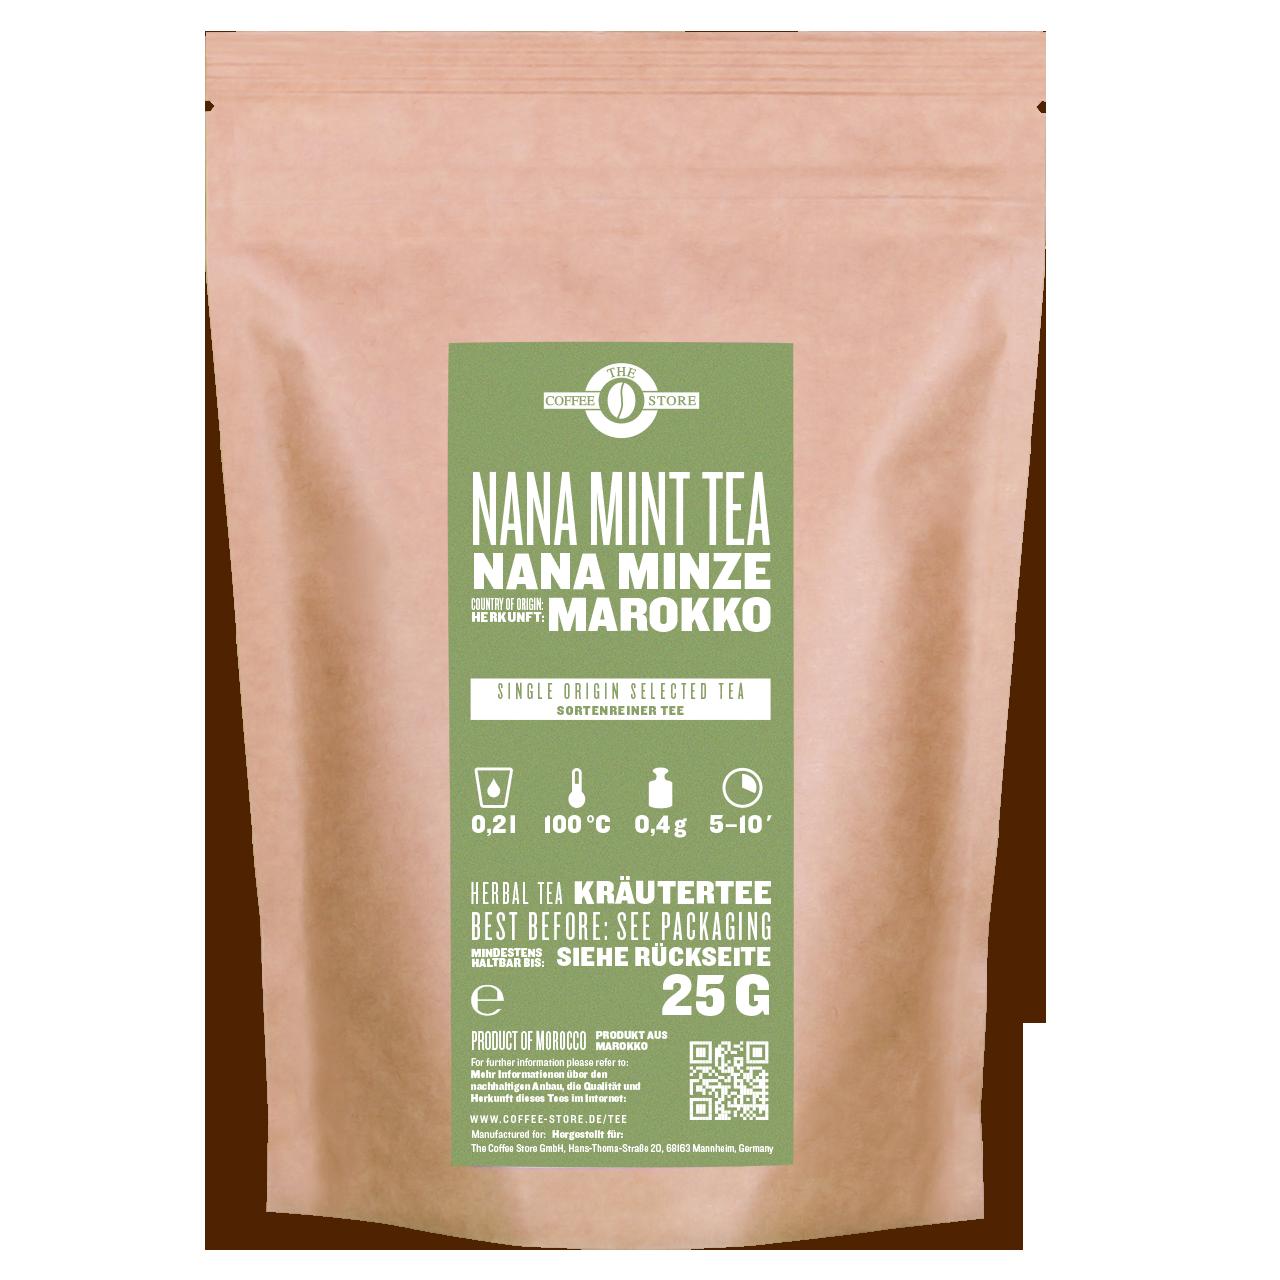 Nana-Minze